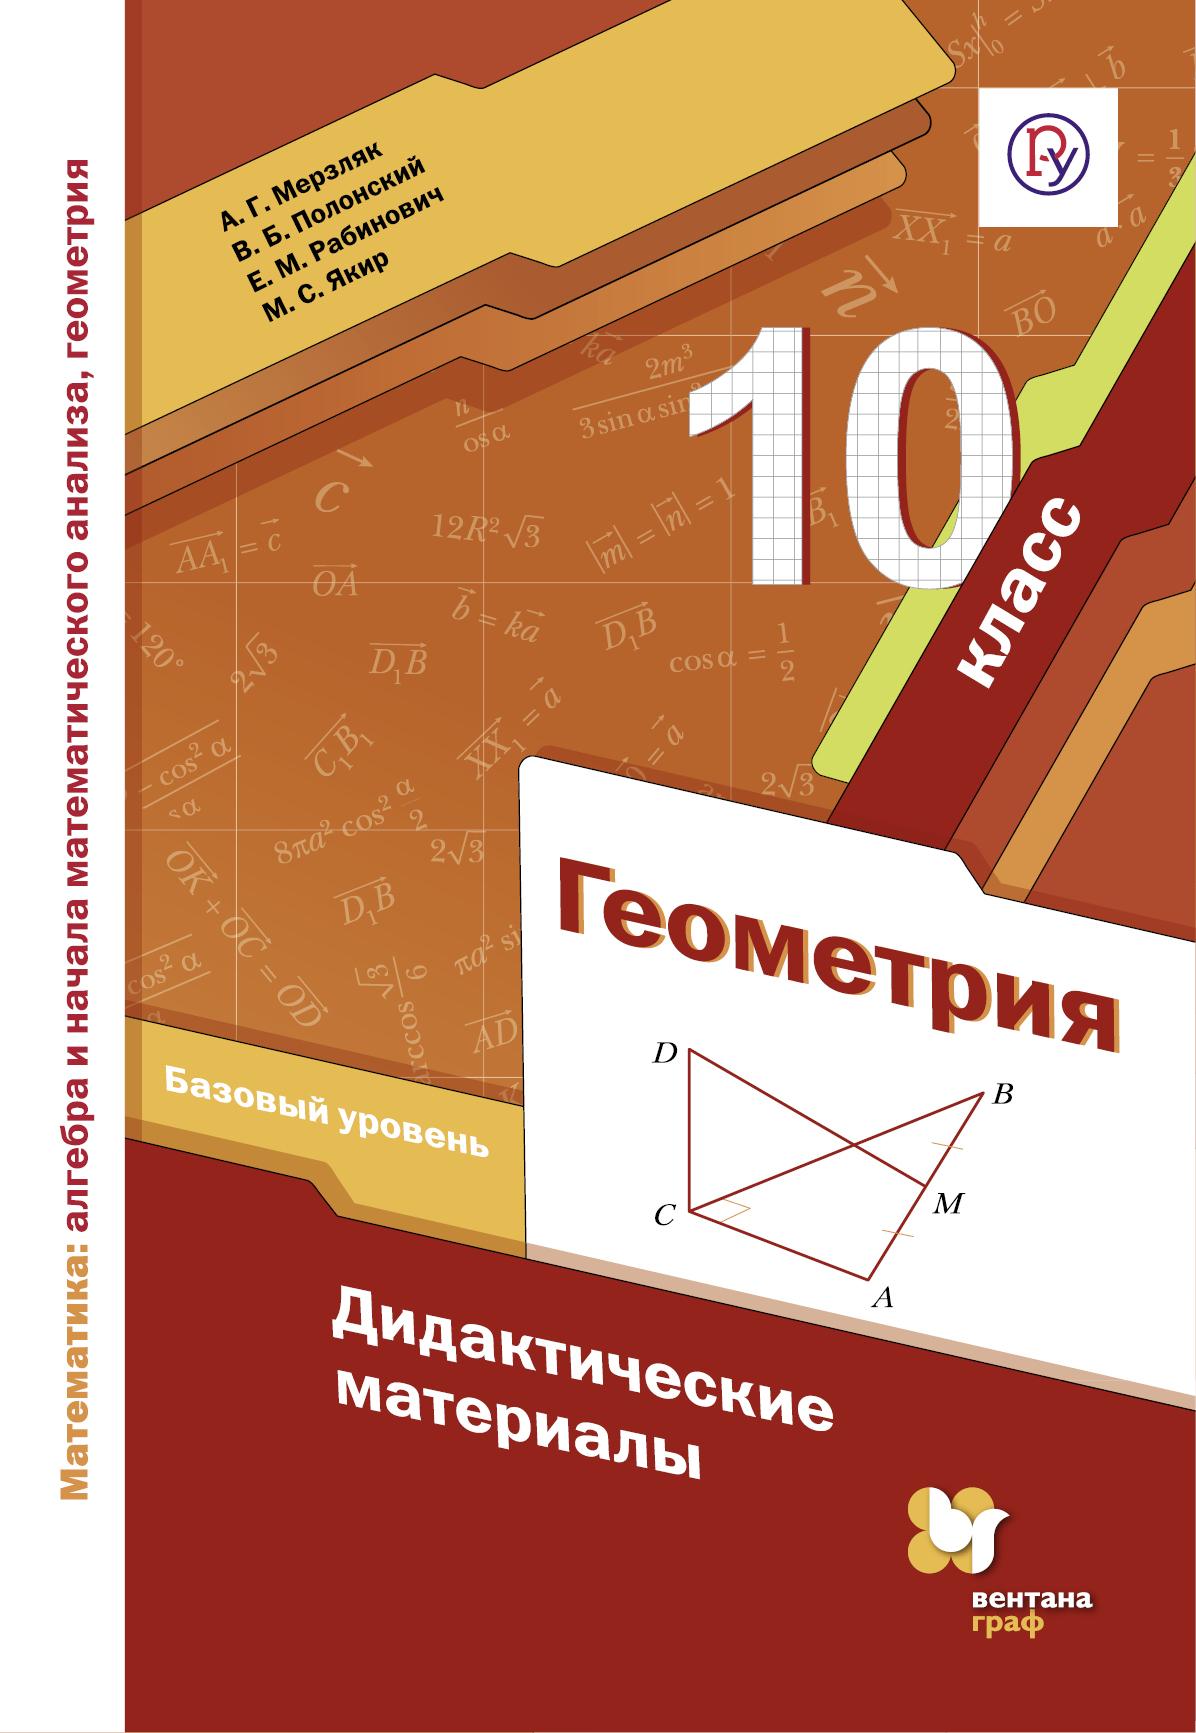 Мерзляк А.Г., Полонский В.Б., Рабинович Е.М., Якир М.С. Математика: алгебра и начала математического анализа, геометрия. Геометрия. 10 класс. Базовый уровень. Дидактические материалы. вентана граф геометрия 8 кл дидактические материалы